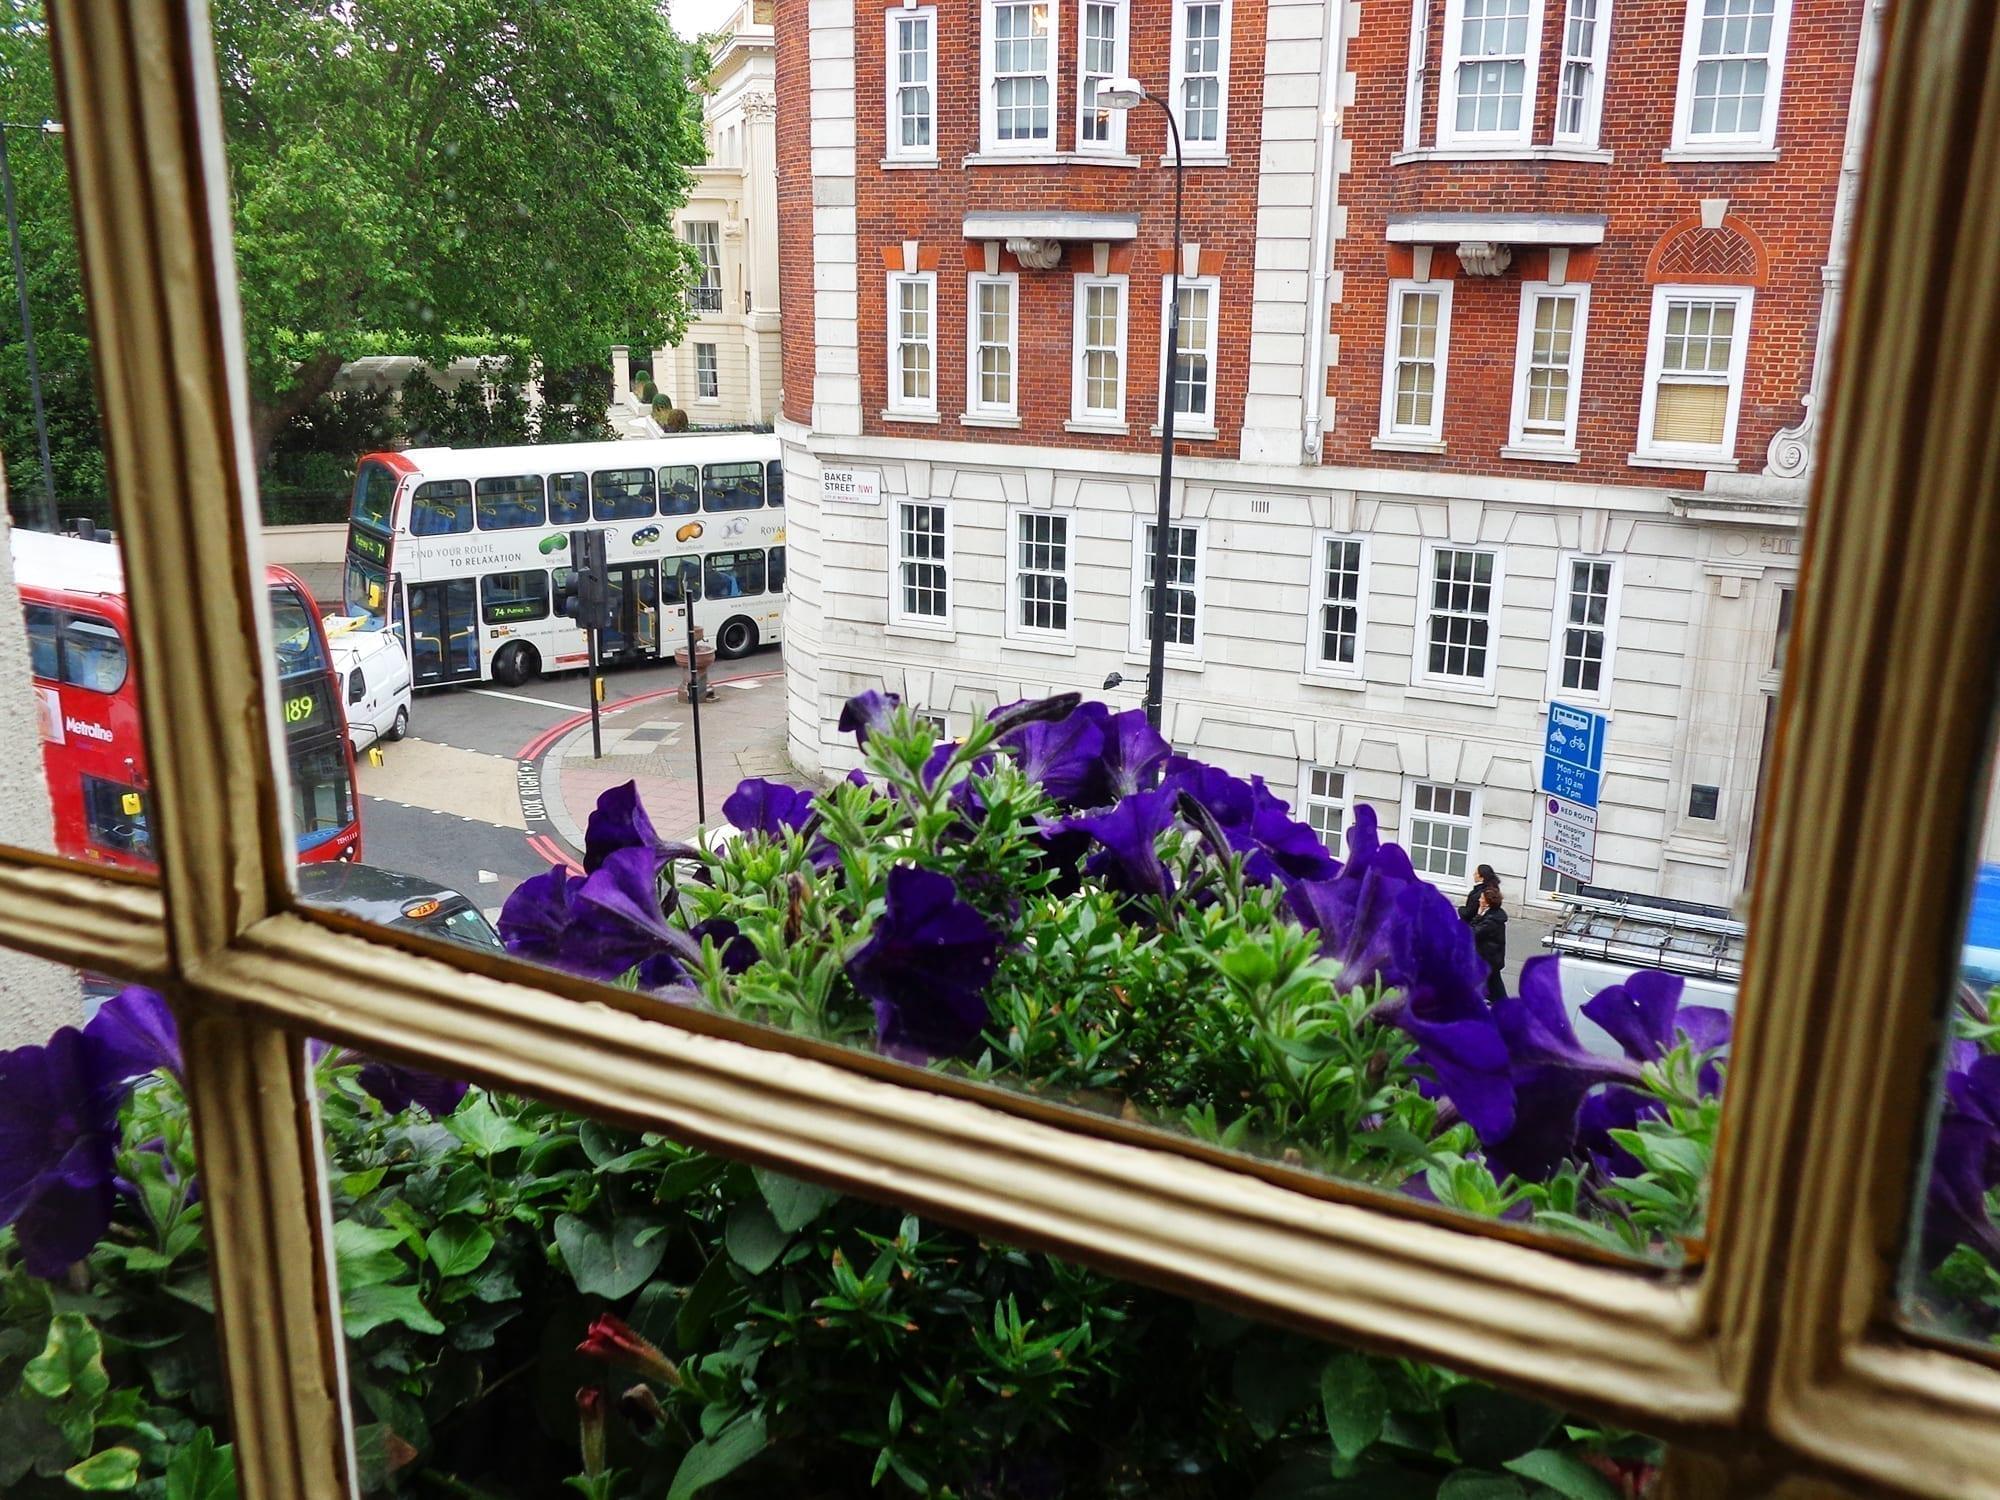 221 B Baker Street window flowers